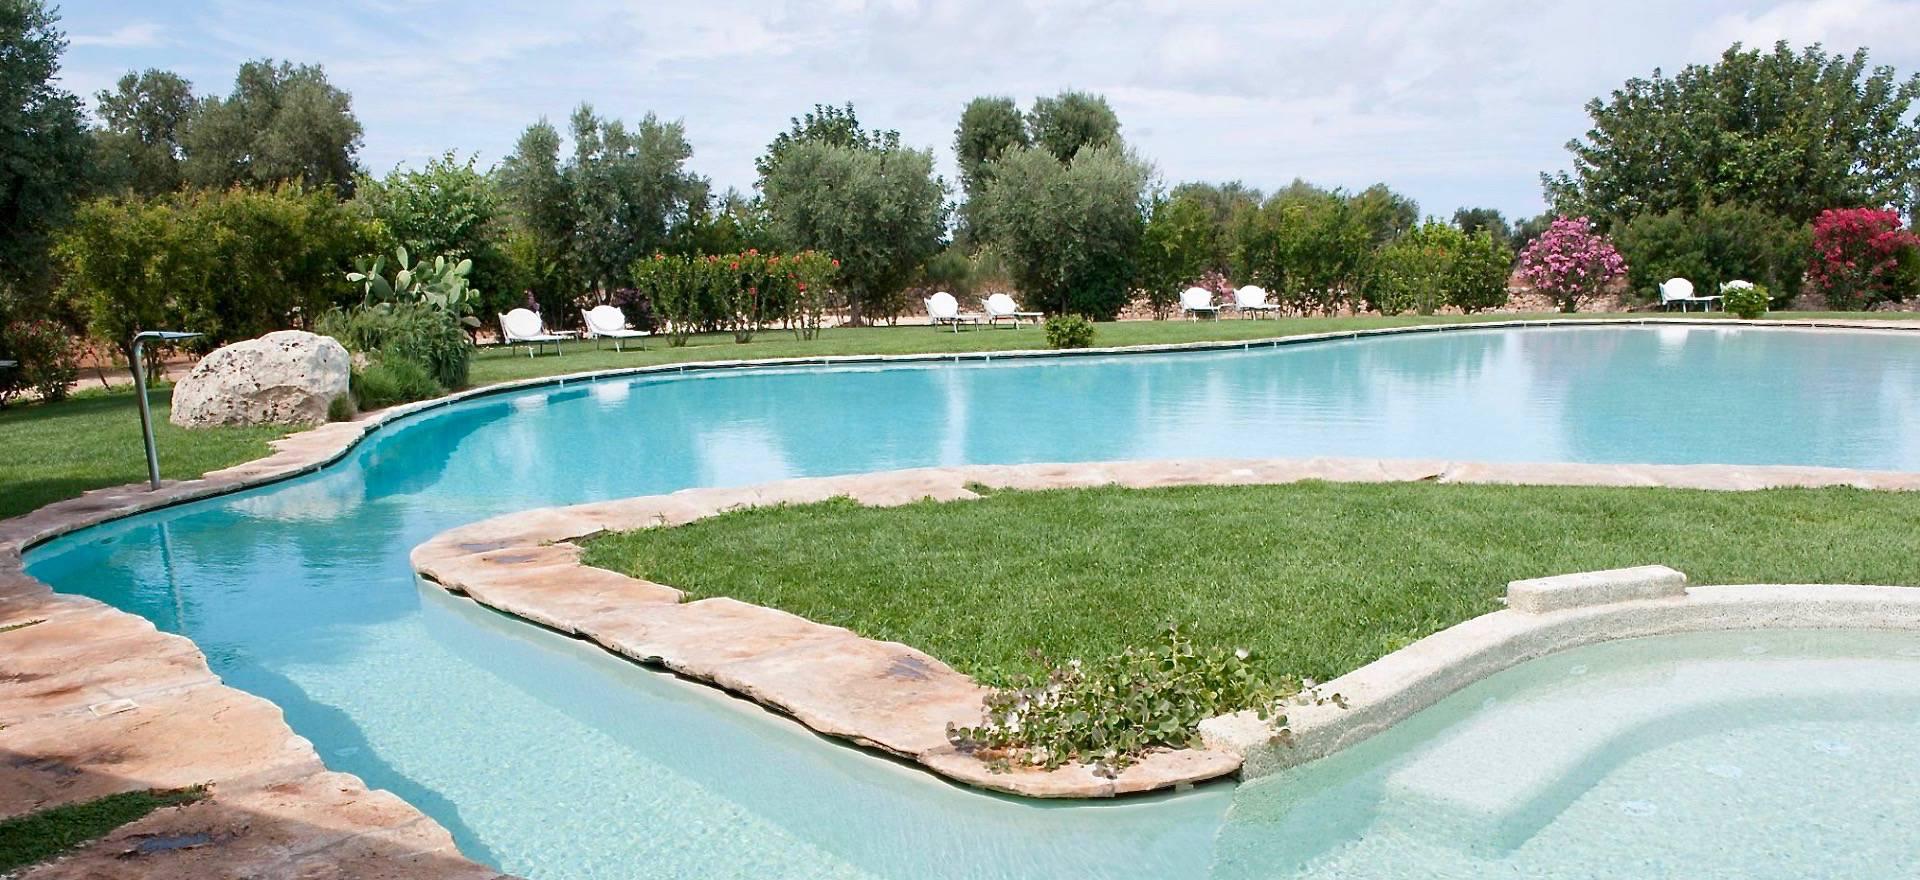 Agriturismo Puglia Luxe agriturismo met groot zwembad, vlakbij zee